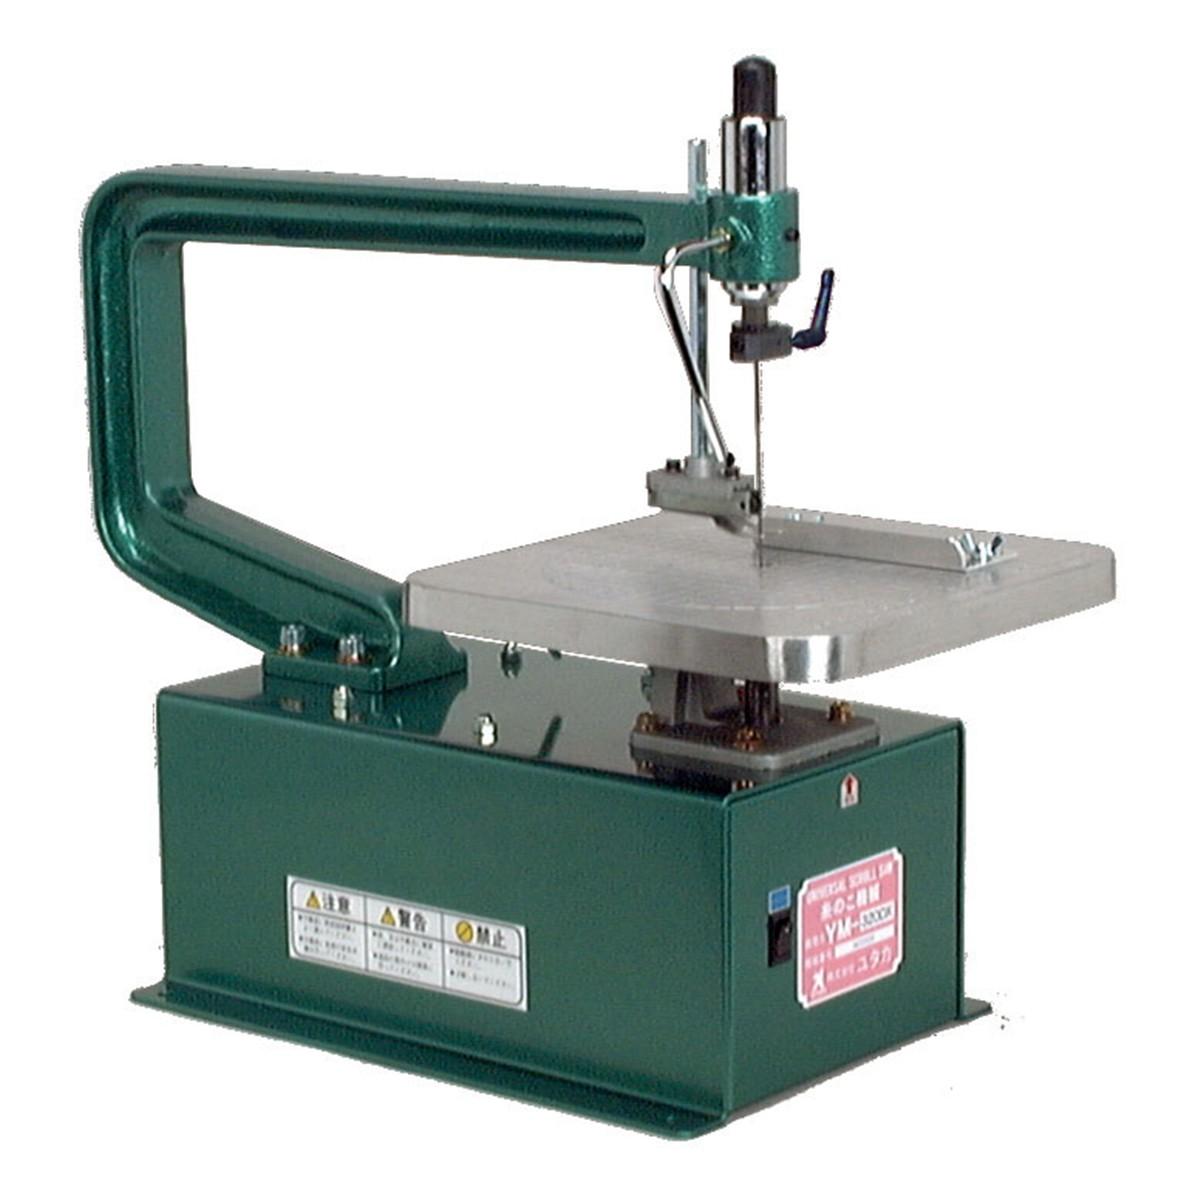 <お取り寄せ品※代引き不可>ユニバーサル糸のこ機械 YM-380DX型 【 木工 金工 工作 DIY 切断 】